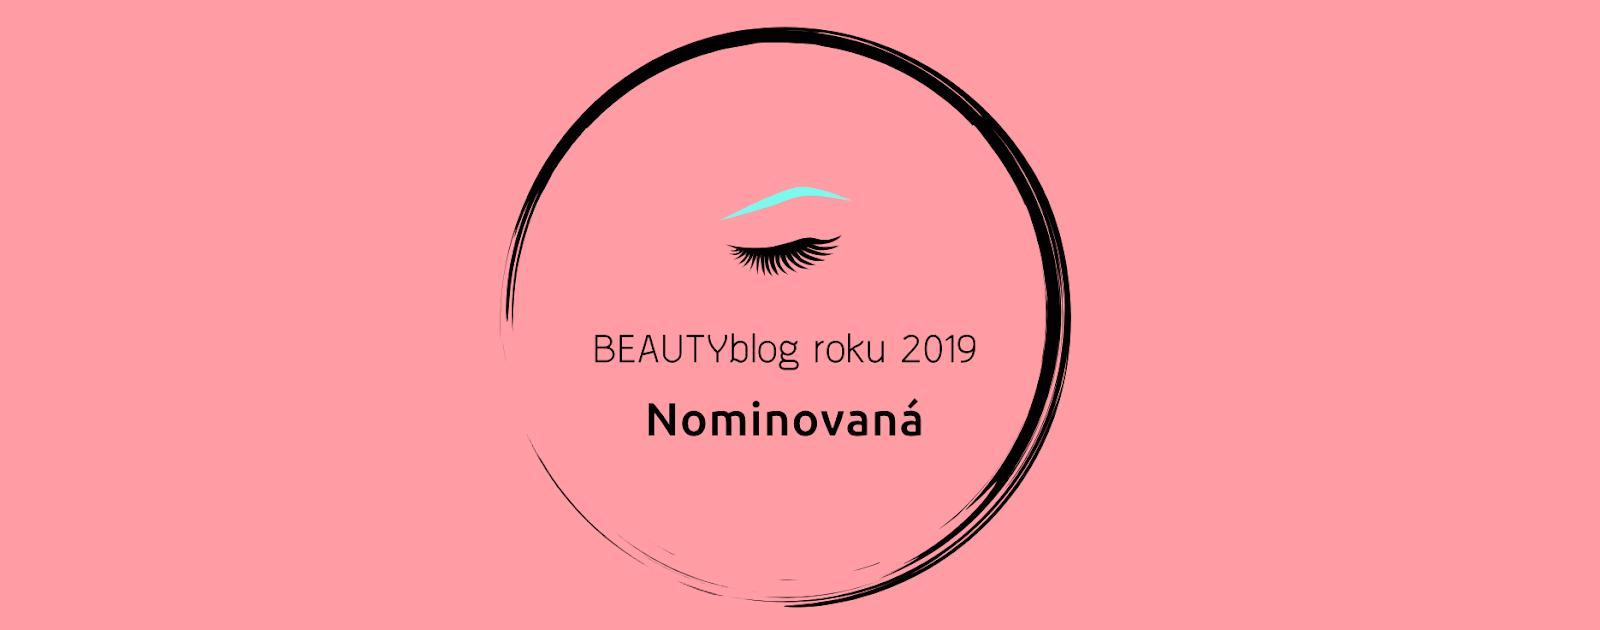 Hlasování BEAUTYblog roku 2019